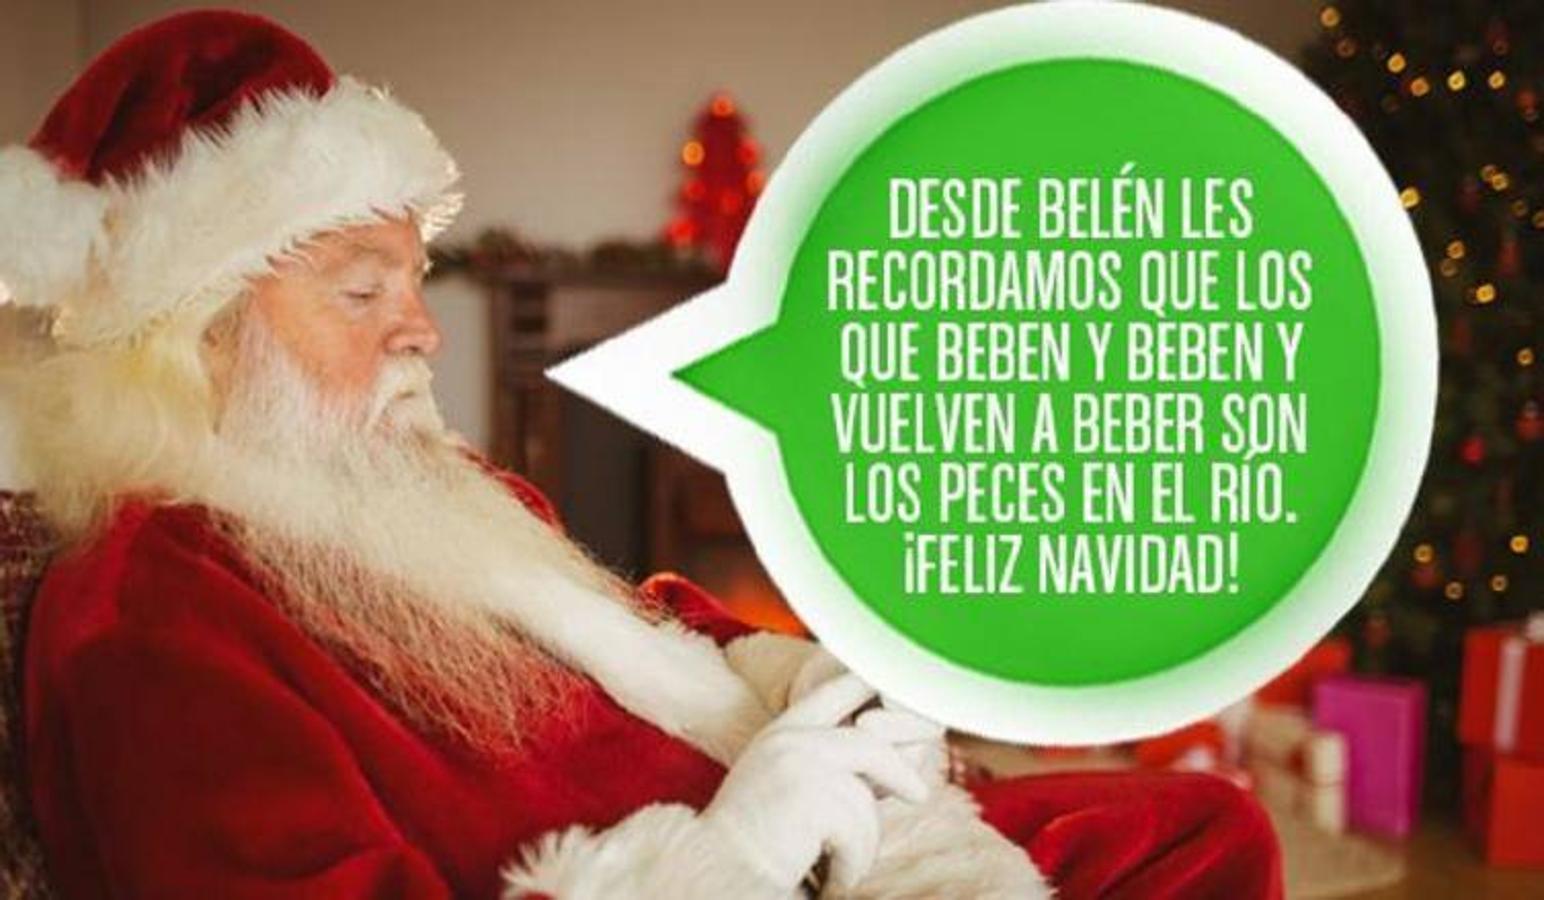 Fotos De Los Memes Más Graciosos Para Felicitar La Navidad